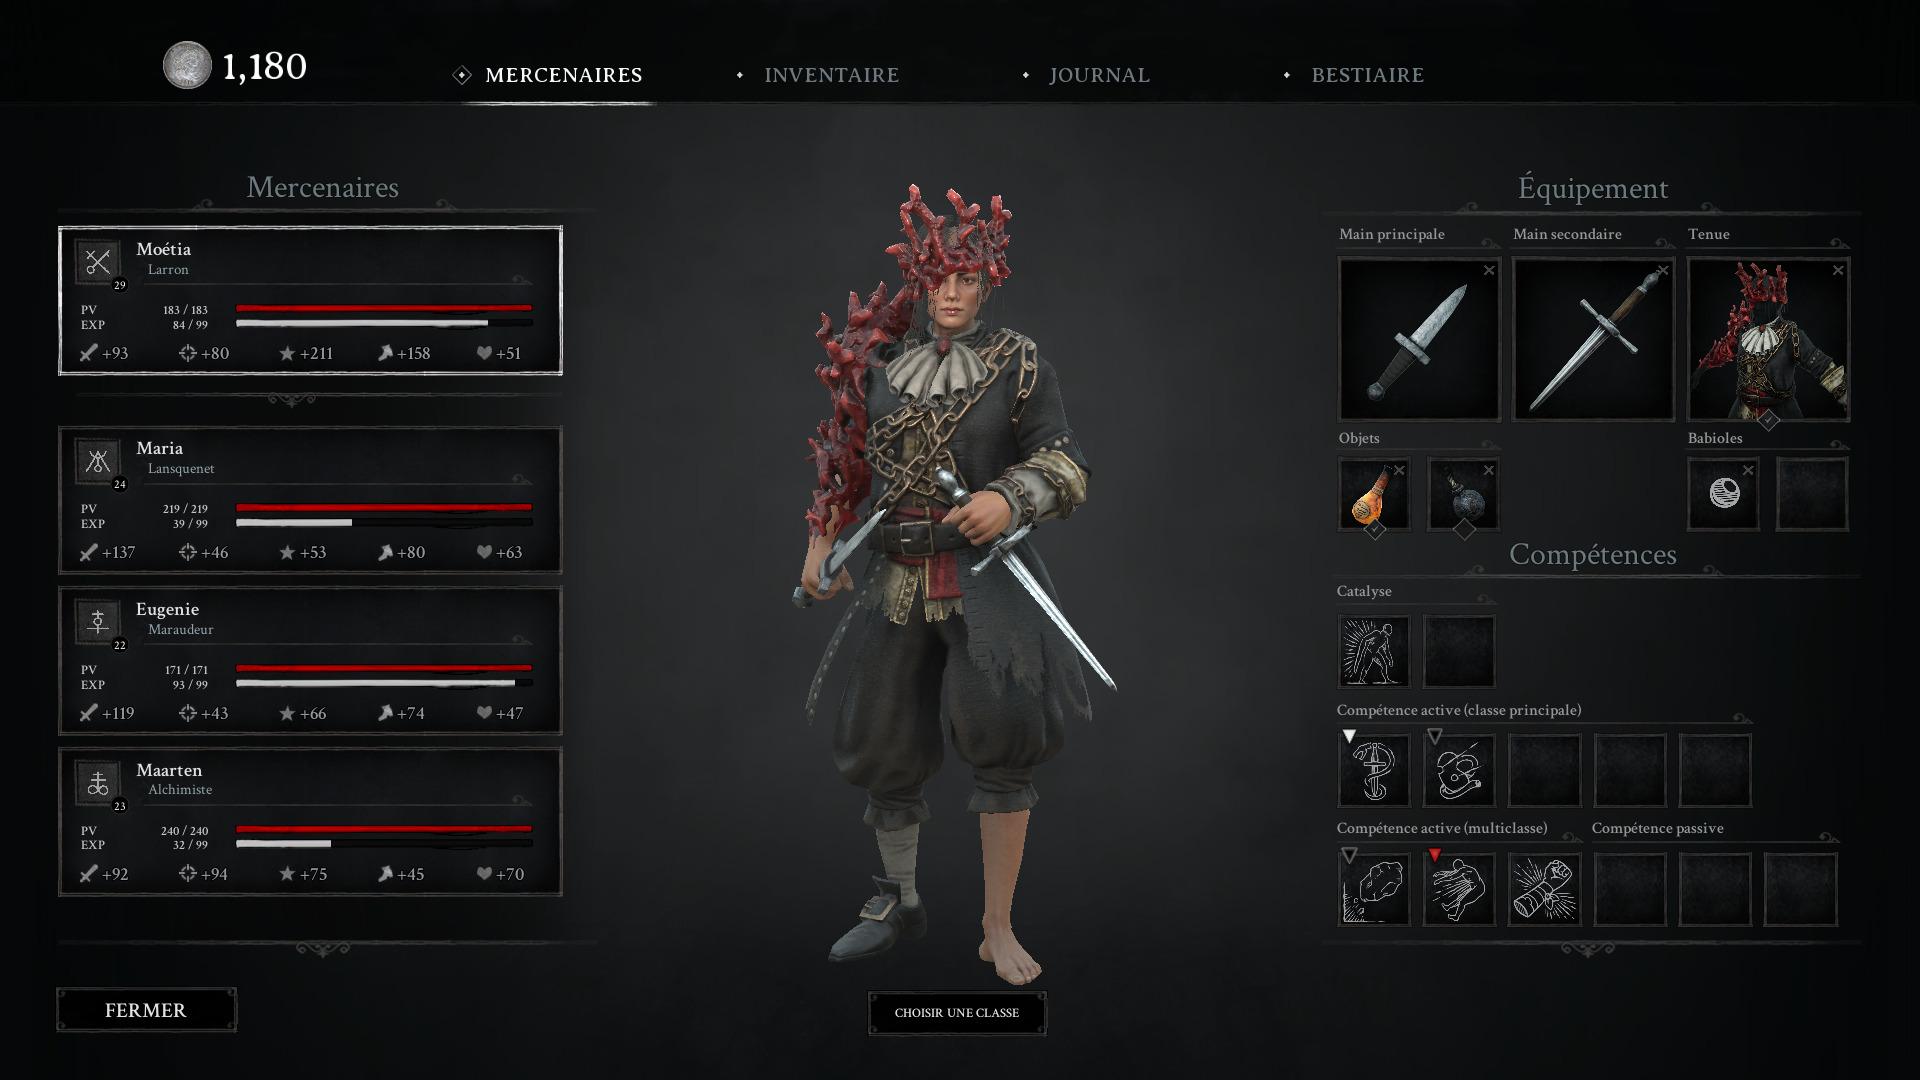 Système de classes et équipements disponibles dans Black Legend.